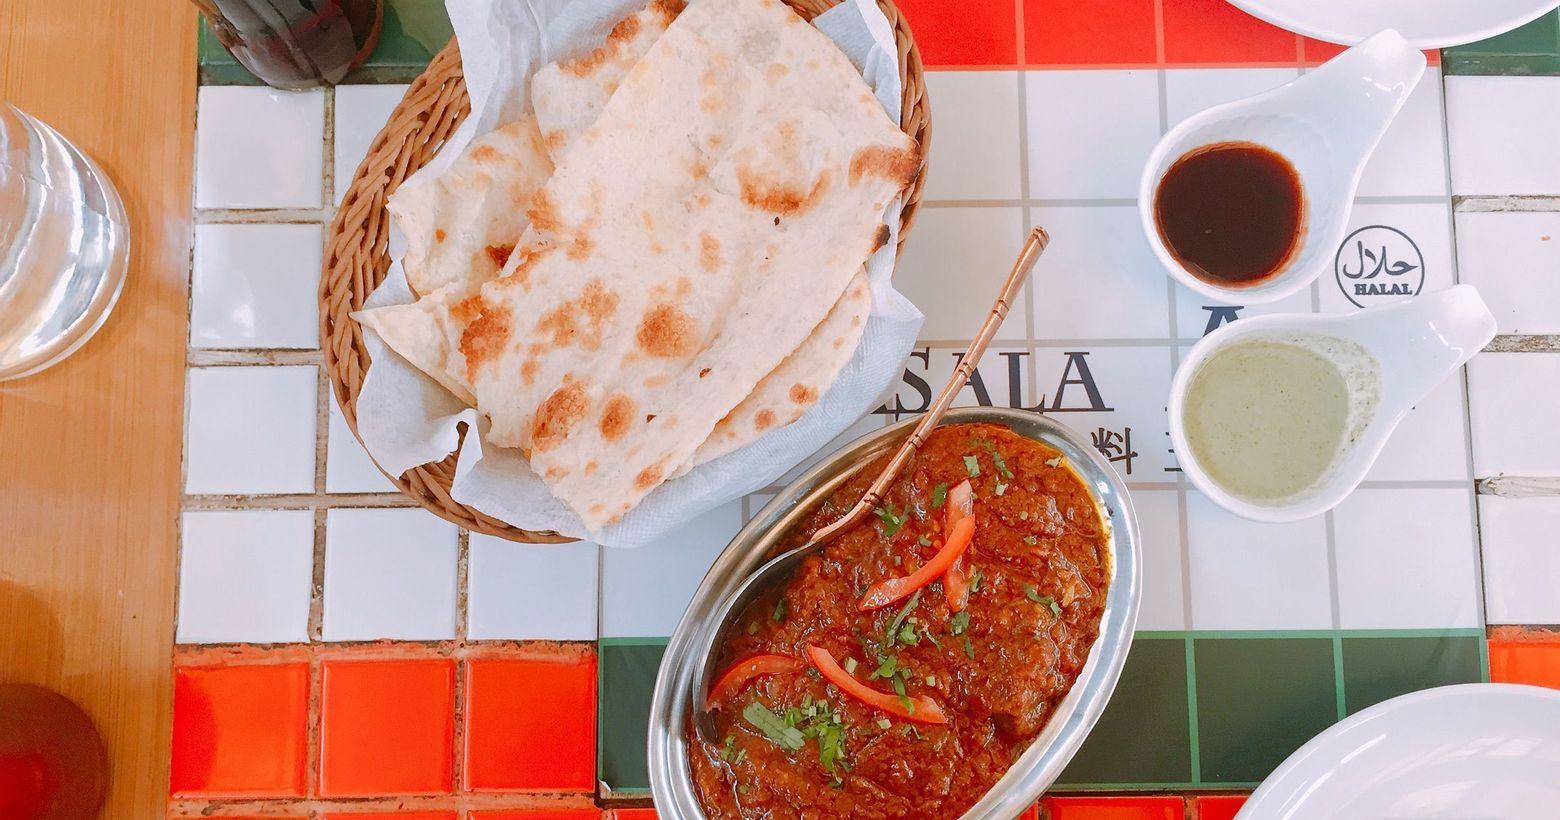 台北中山 超道地印度口味的印度香料王🥘印度香料王餐廳從天母的小攤販開始起家目前在永和及